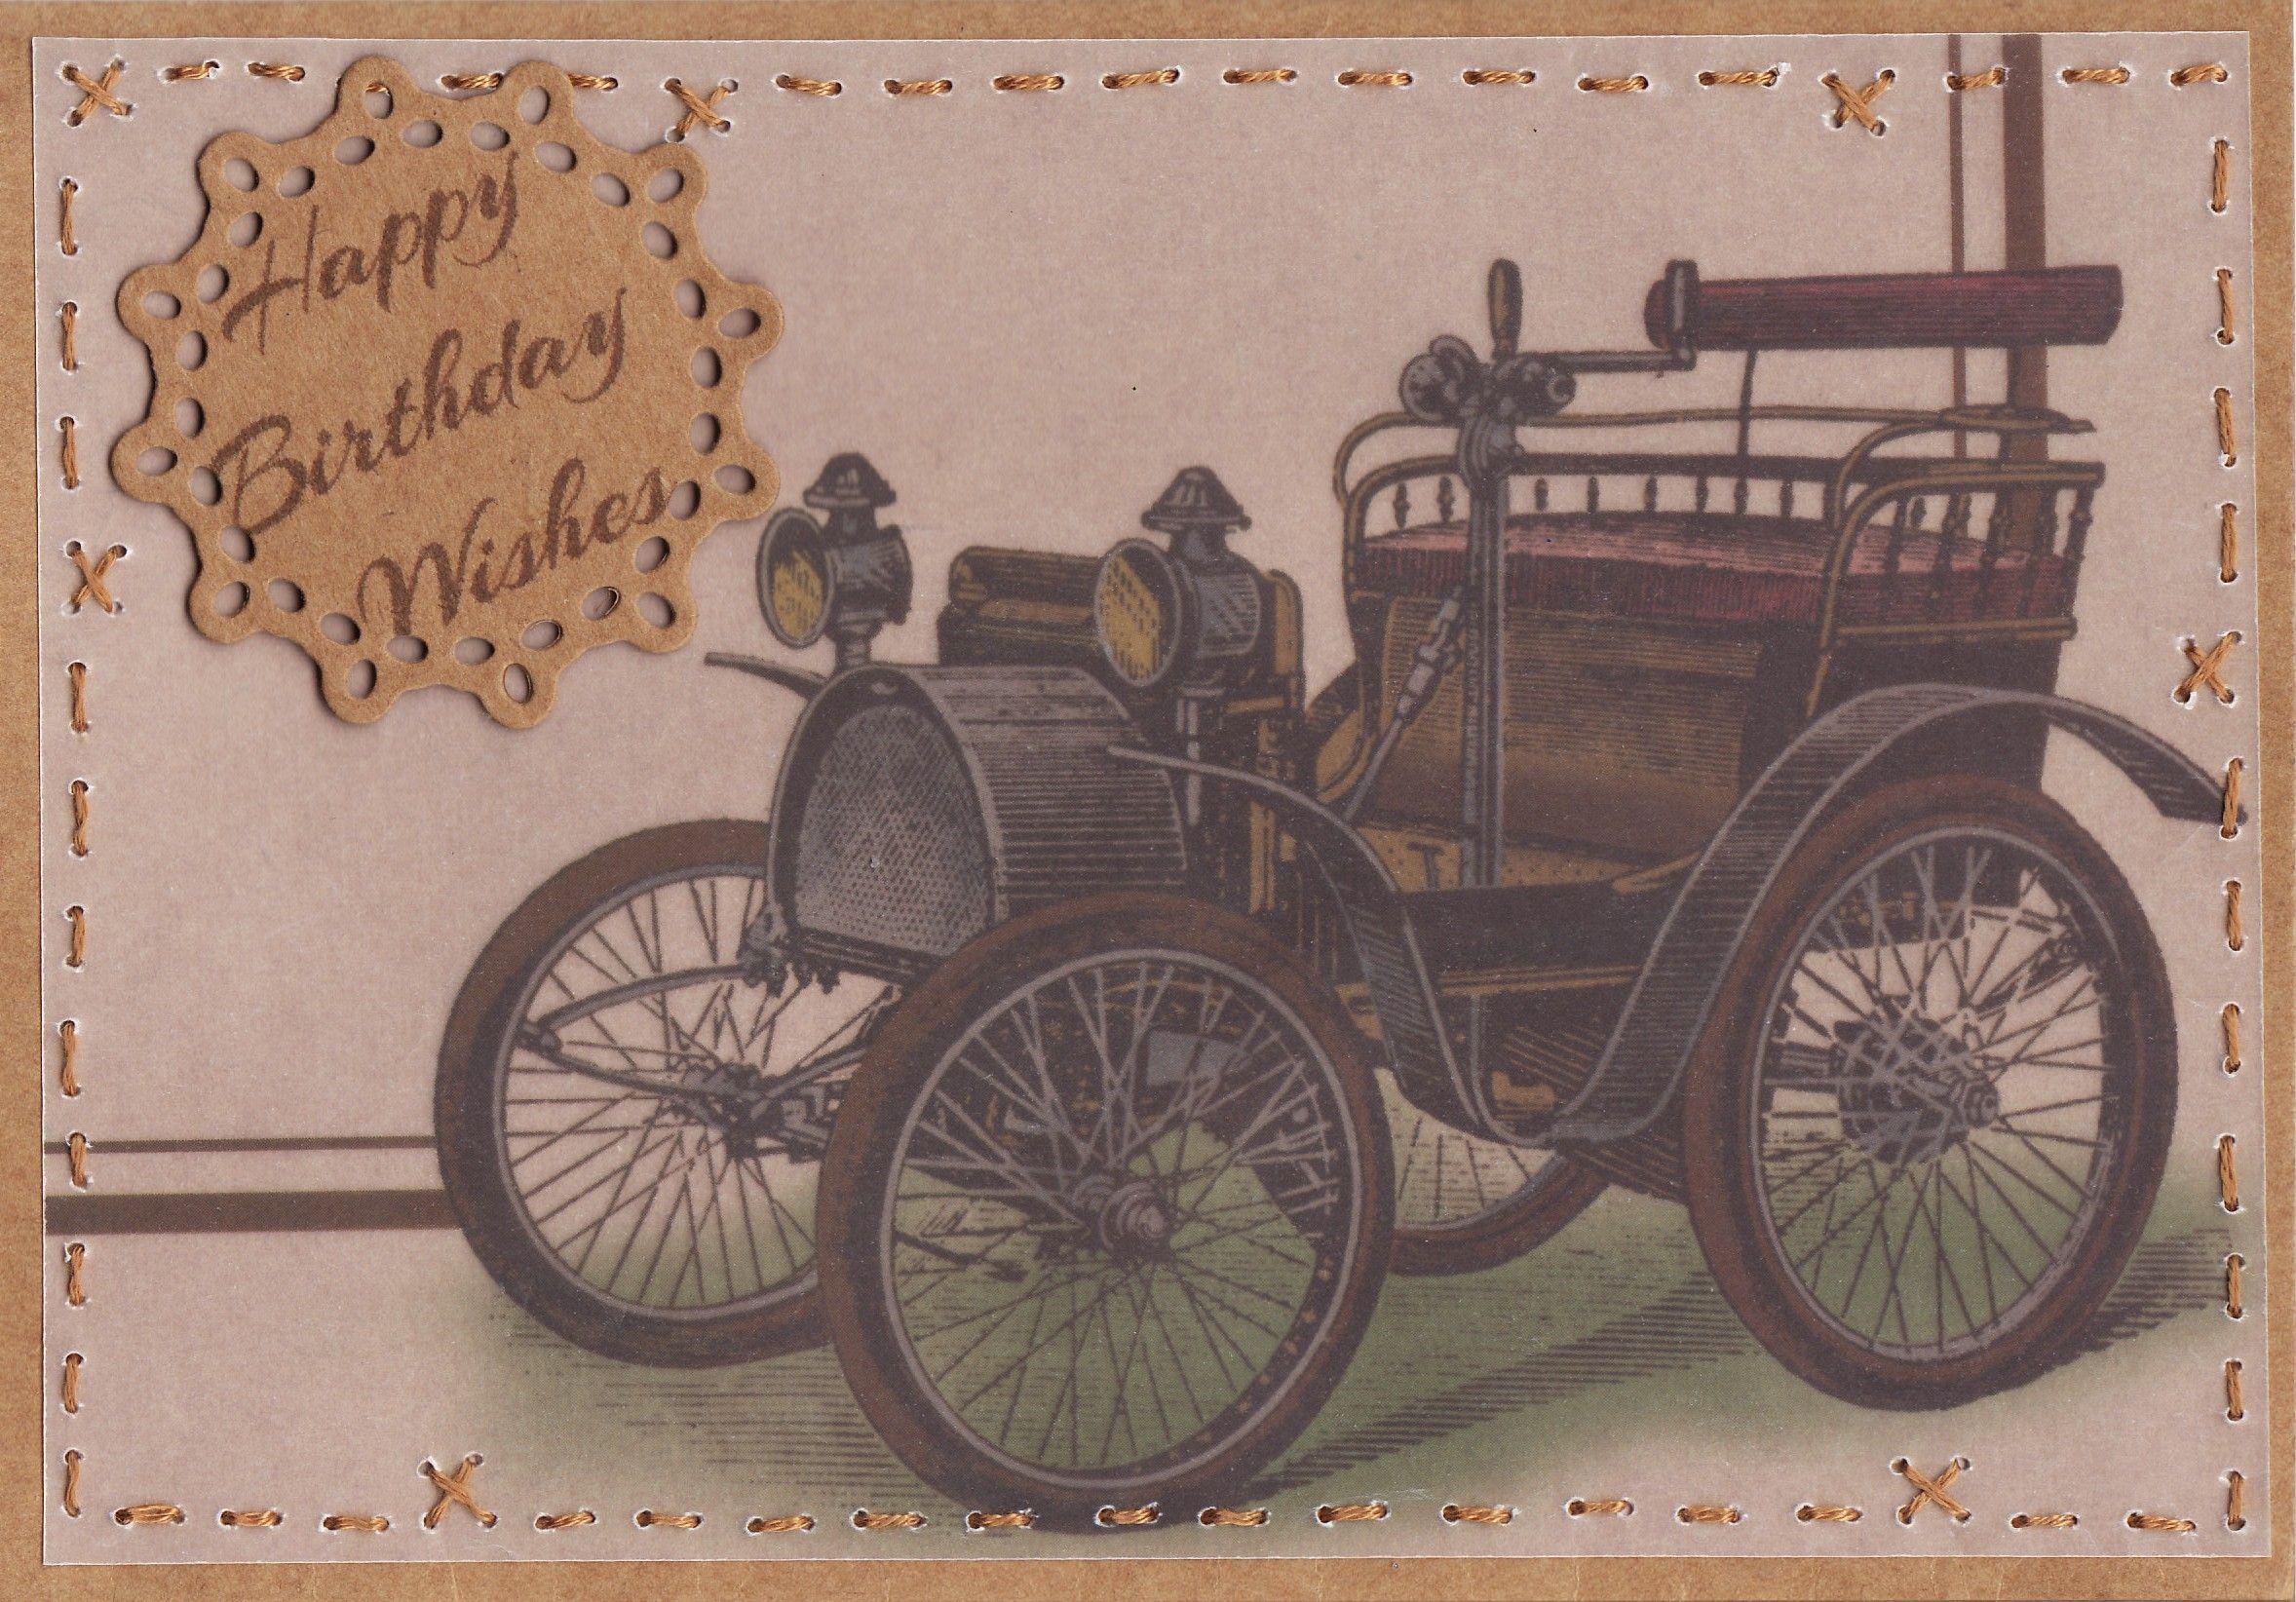 Vellum Vintage Car Happy Birthday Wishes Card By Tassie Scrapangel